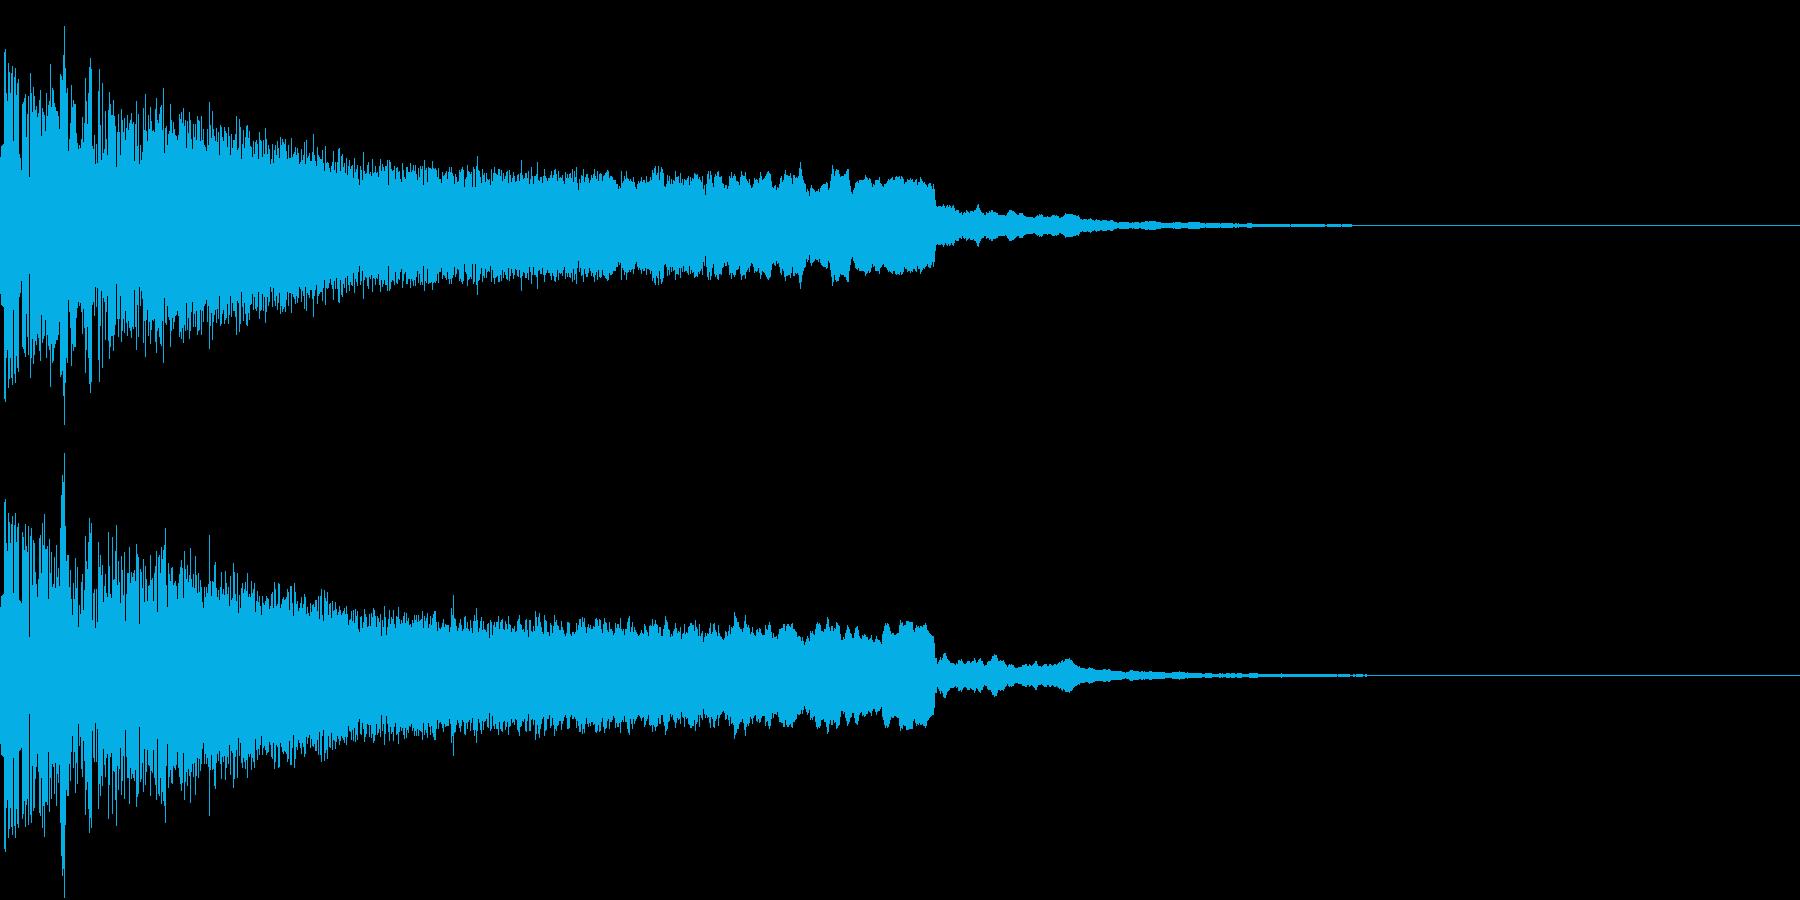 ピキューン ピキーン ズキューン 3の再生済みの波形